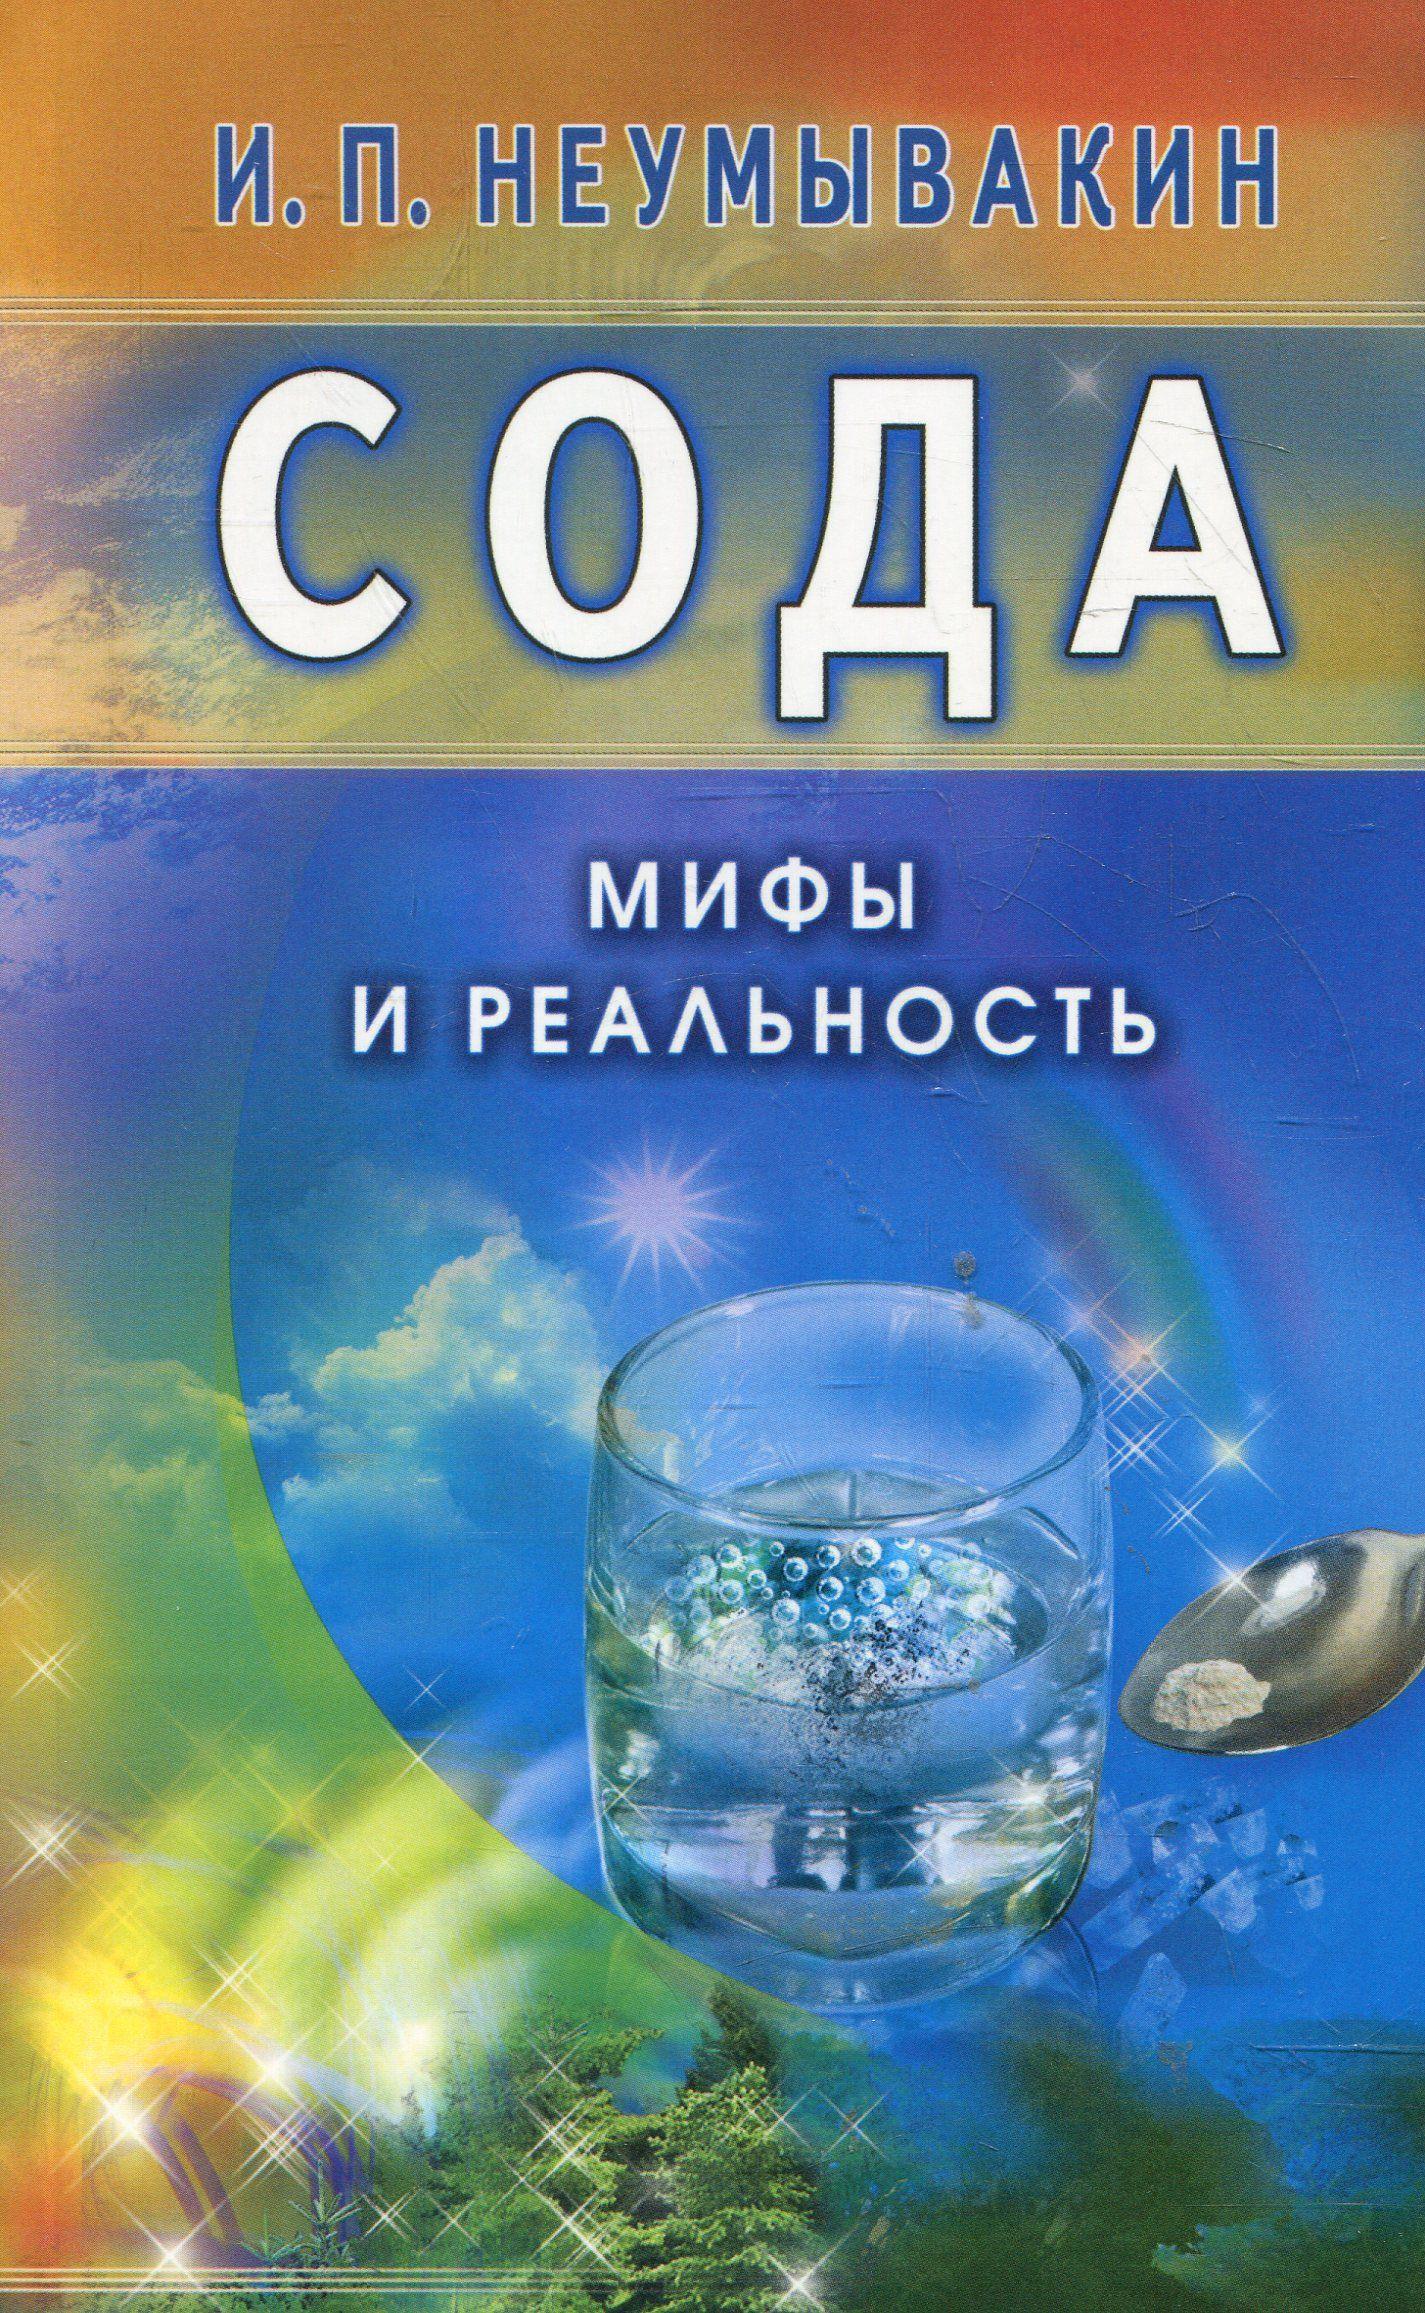 Книга без воды скачать бесплатно